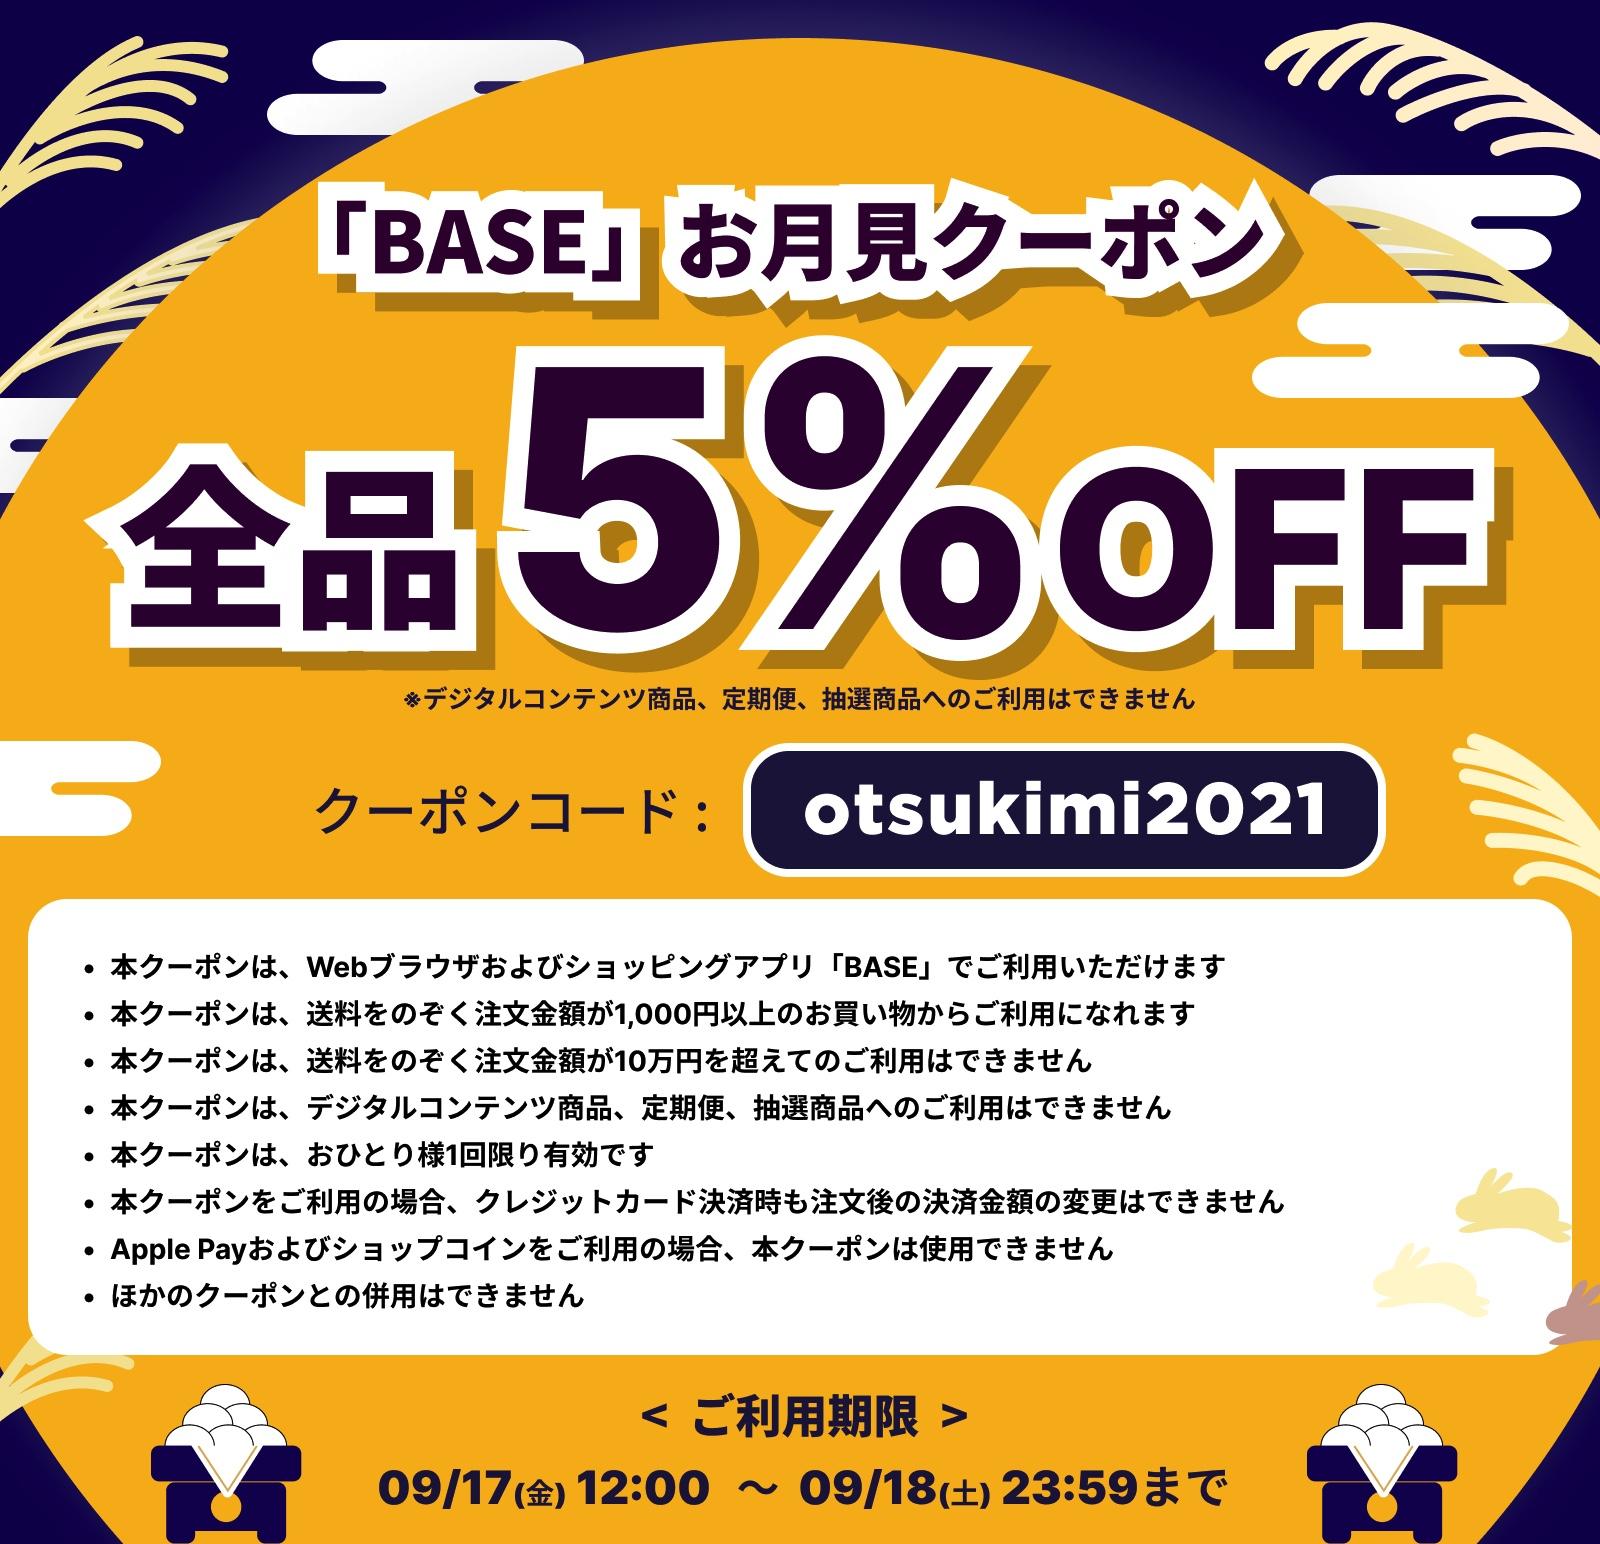 WSM   【9/17~9/18 期間限定】 「BASE」お月見クーポンキャンペーン!